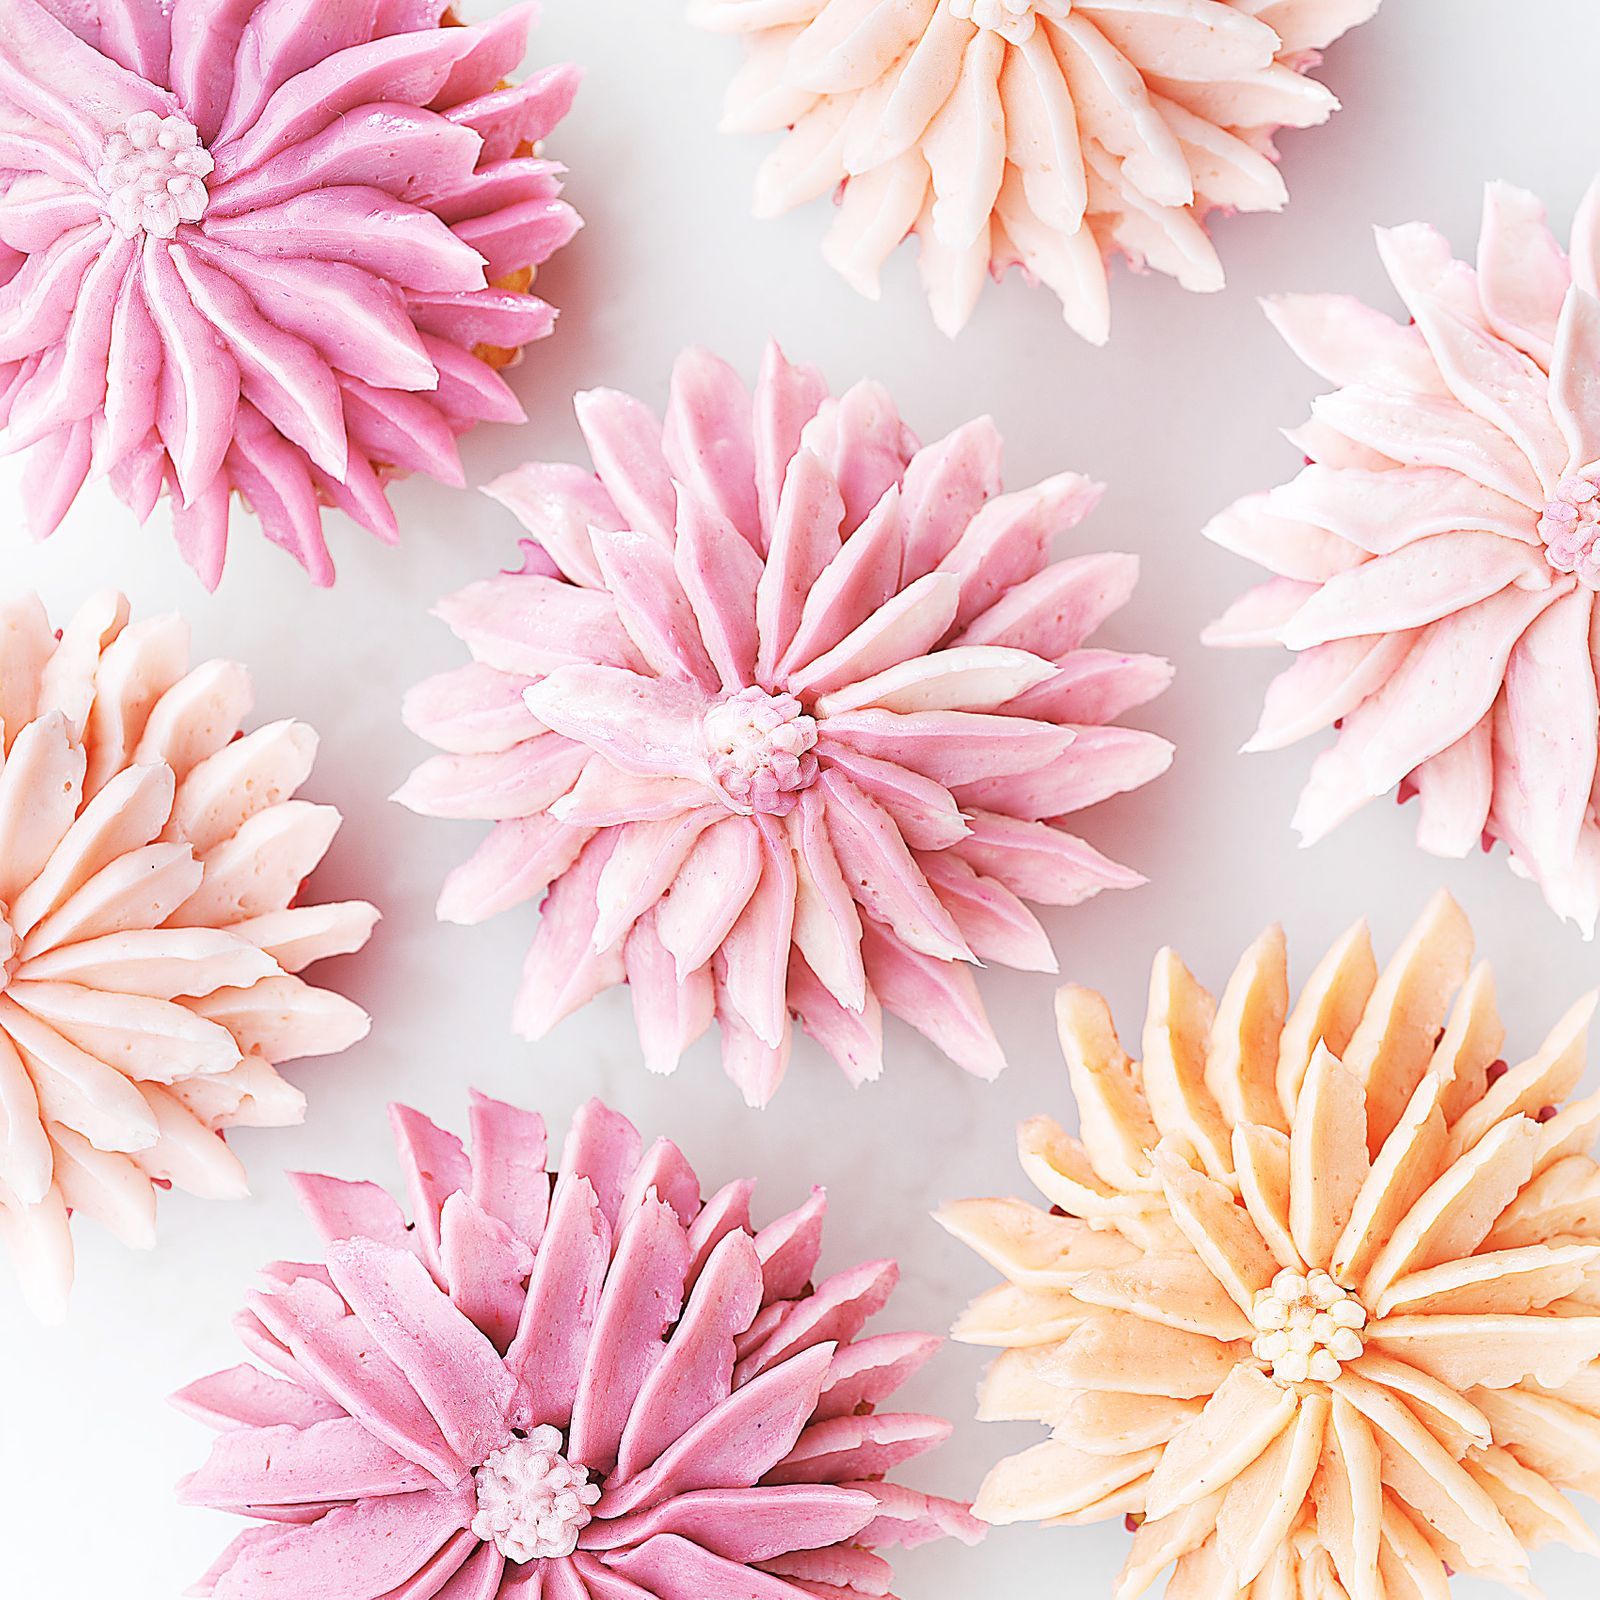 Sugared_blossom.jpg